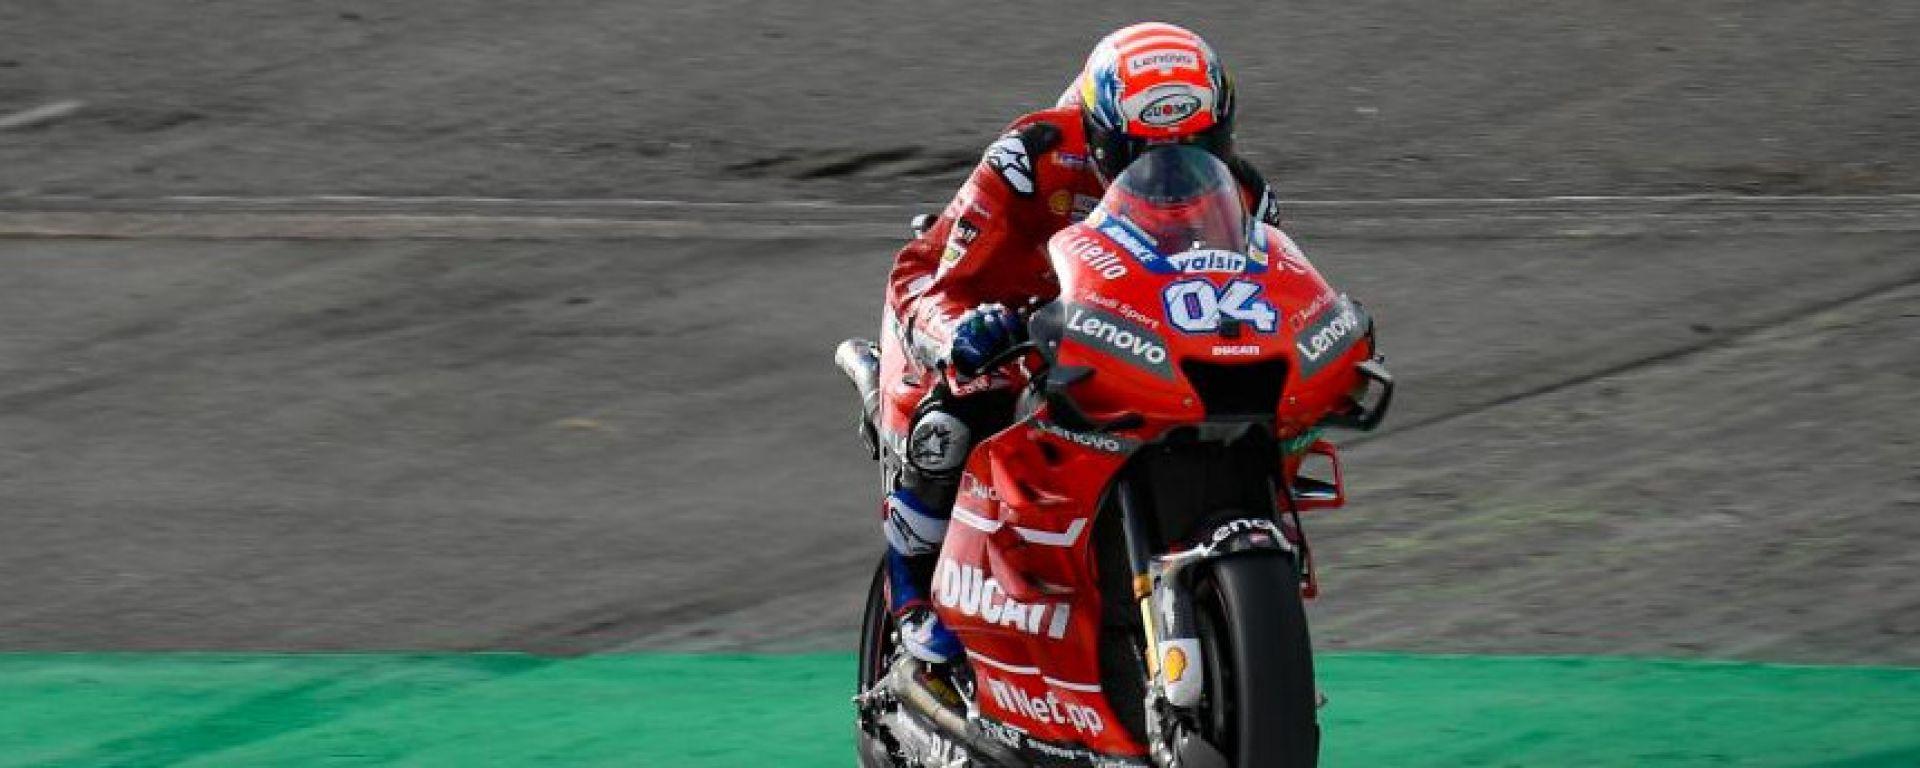 """MotoGP Silverstone, Dovizioso: """"Marc ha qualcosa in più"""""""